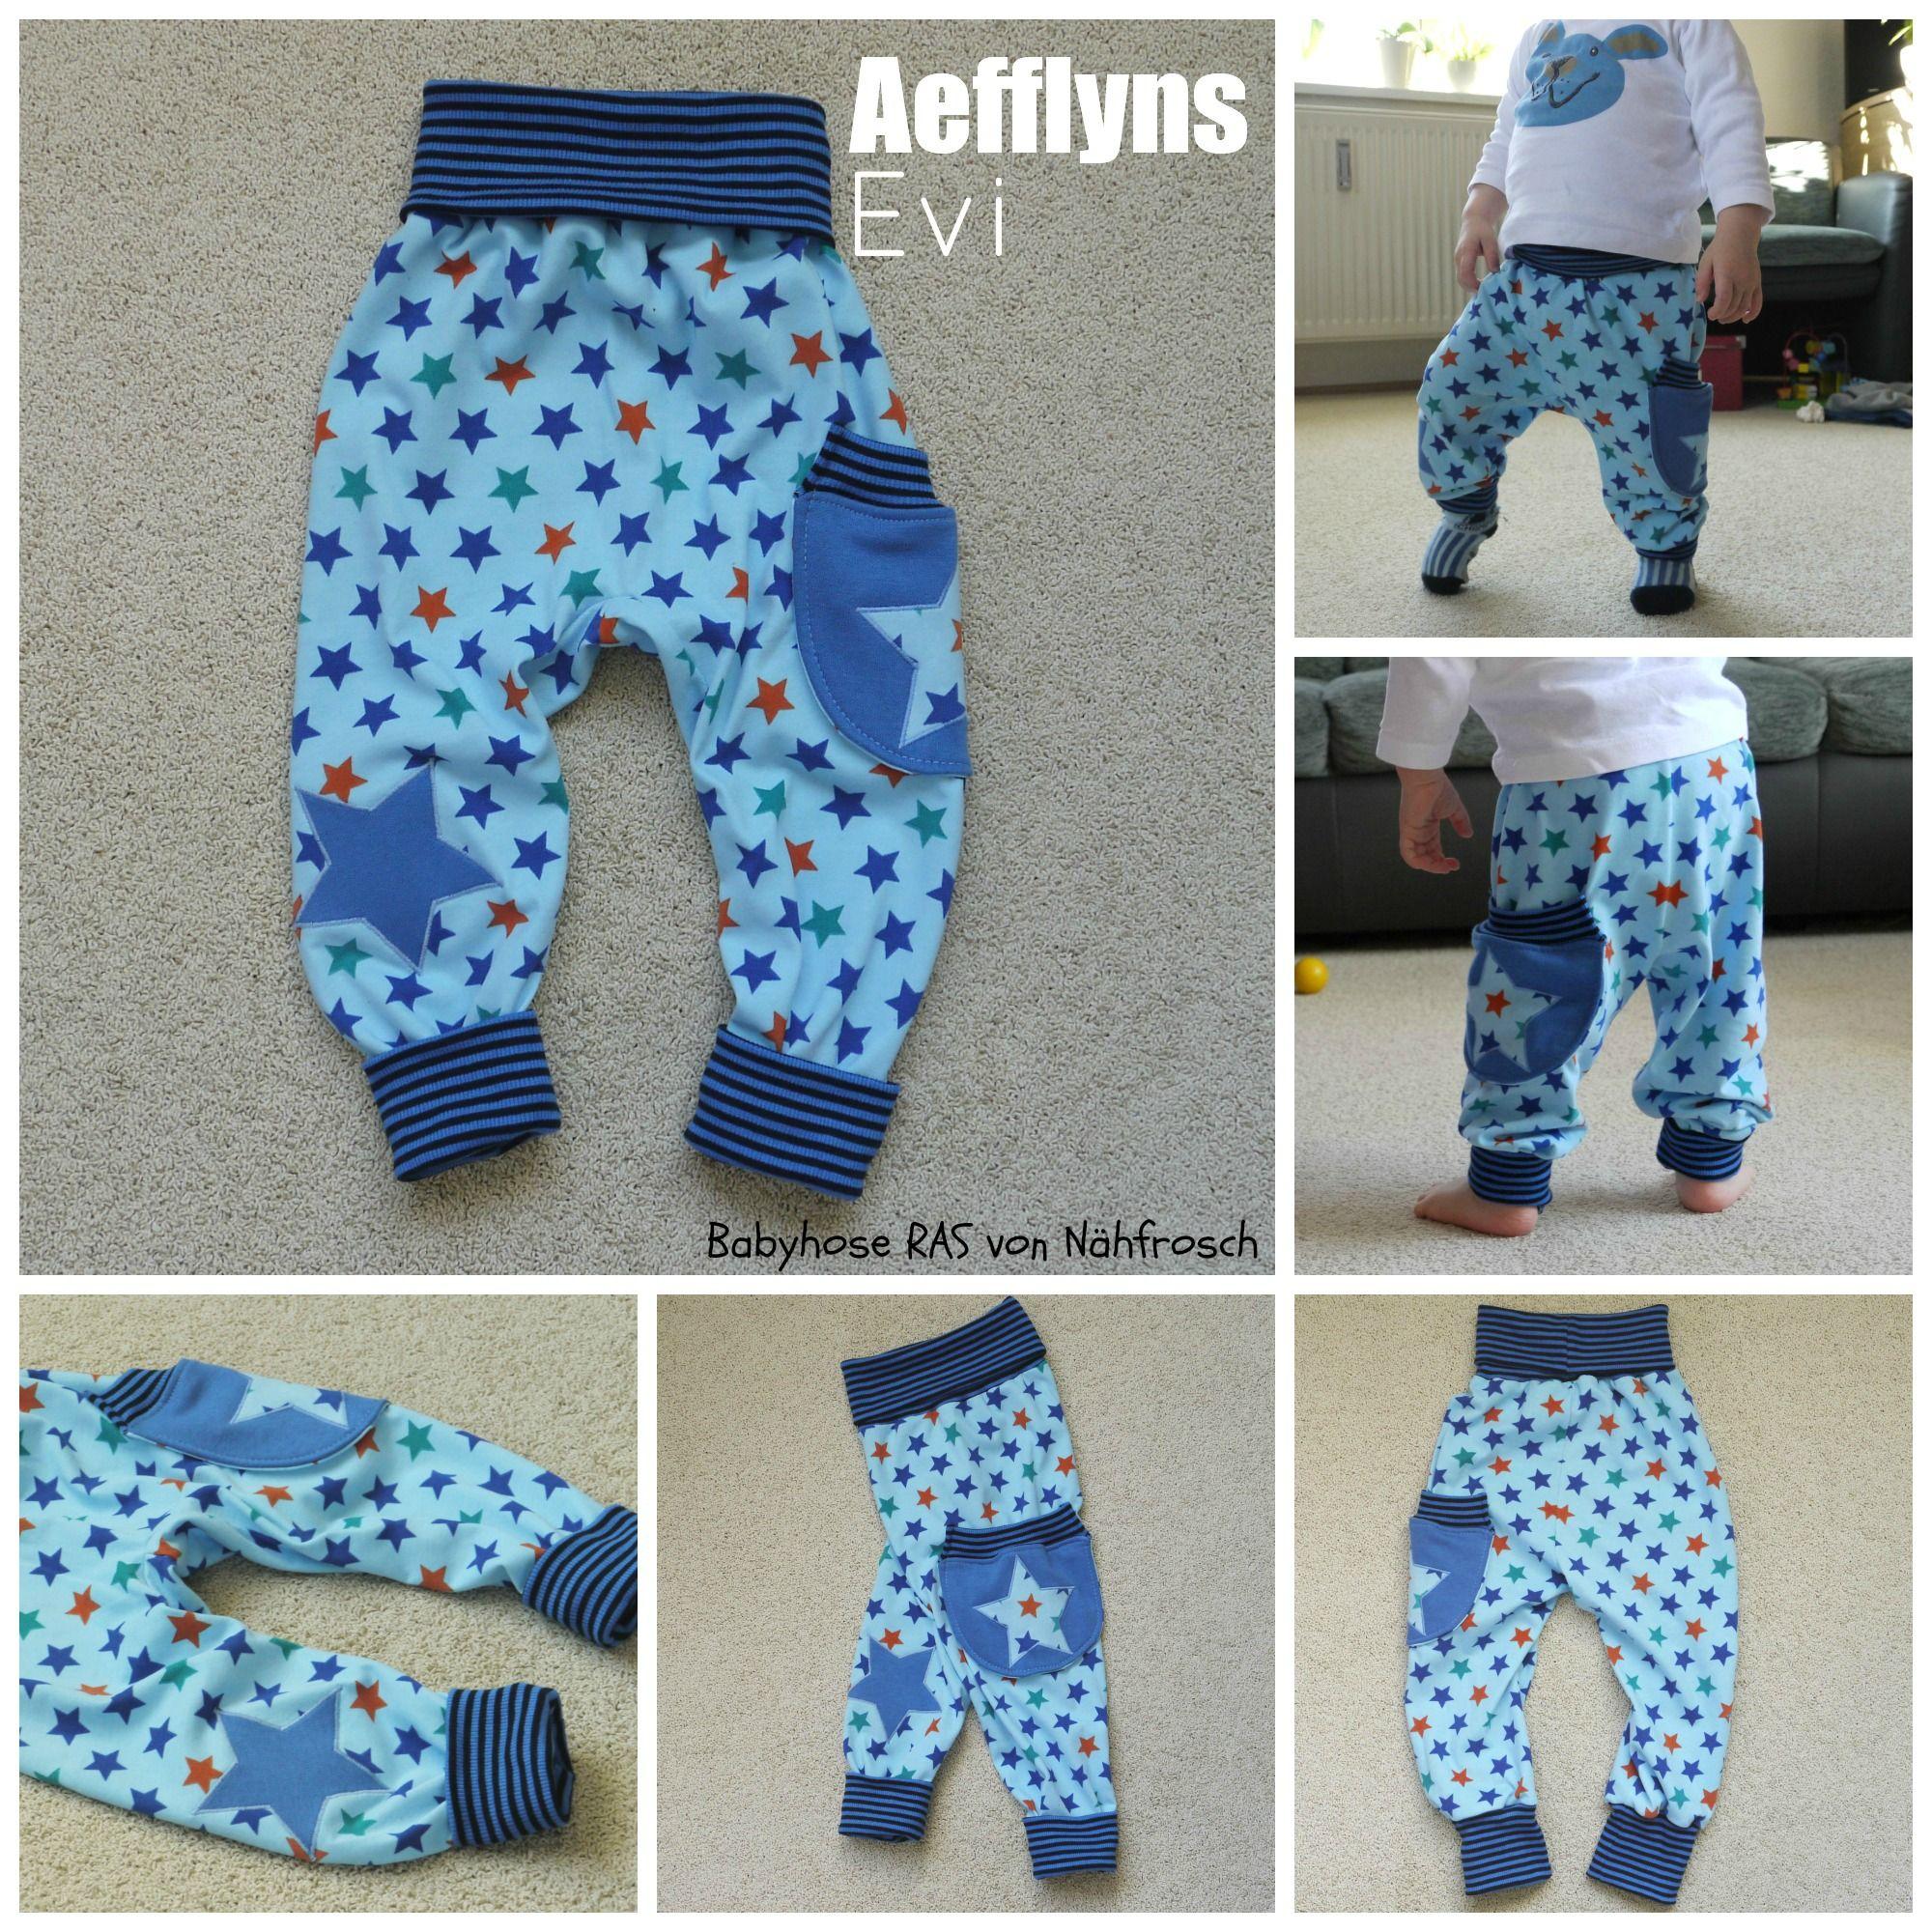 guter Verkauf klare Textur sehr günstig Babyhose nähen: Nähanleitung Babyhose RAS von | Babyhose ...